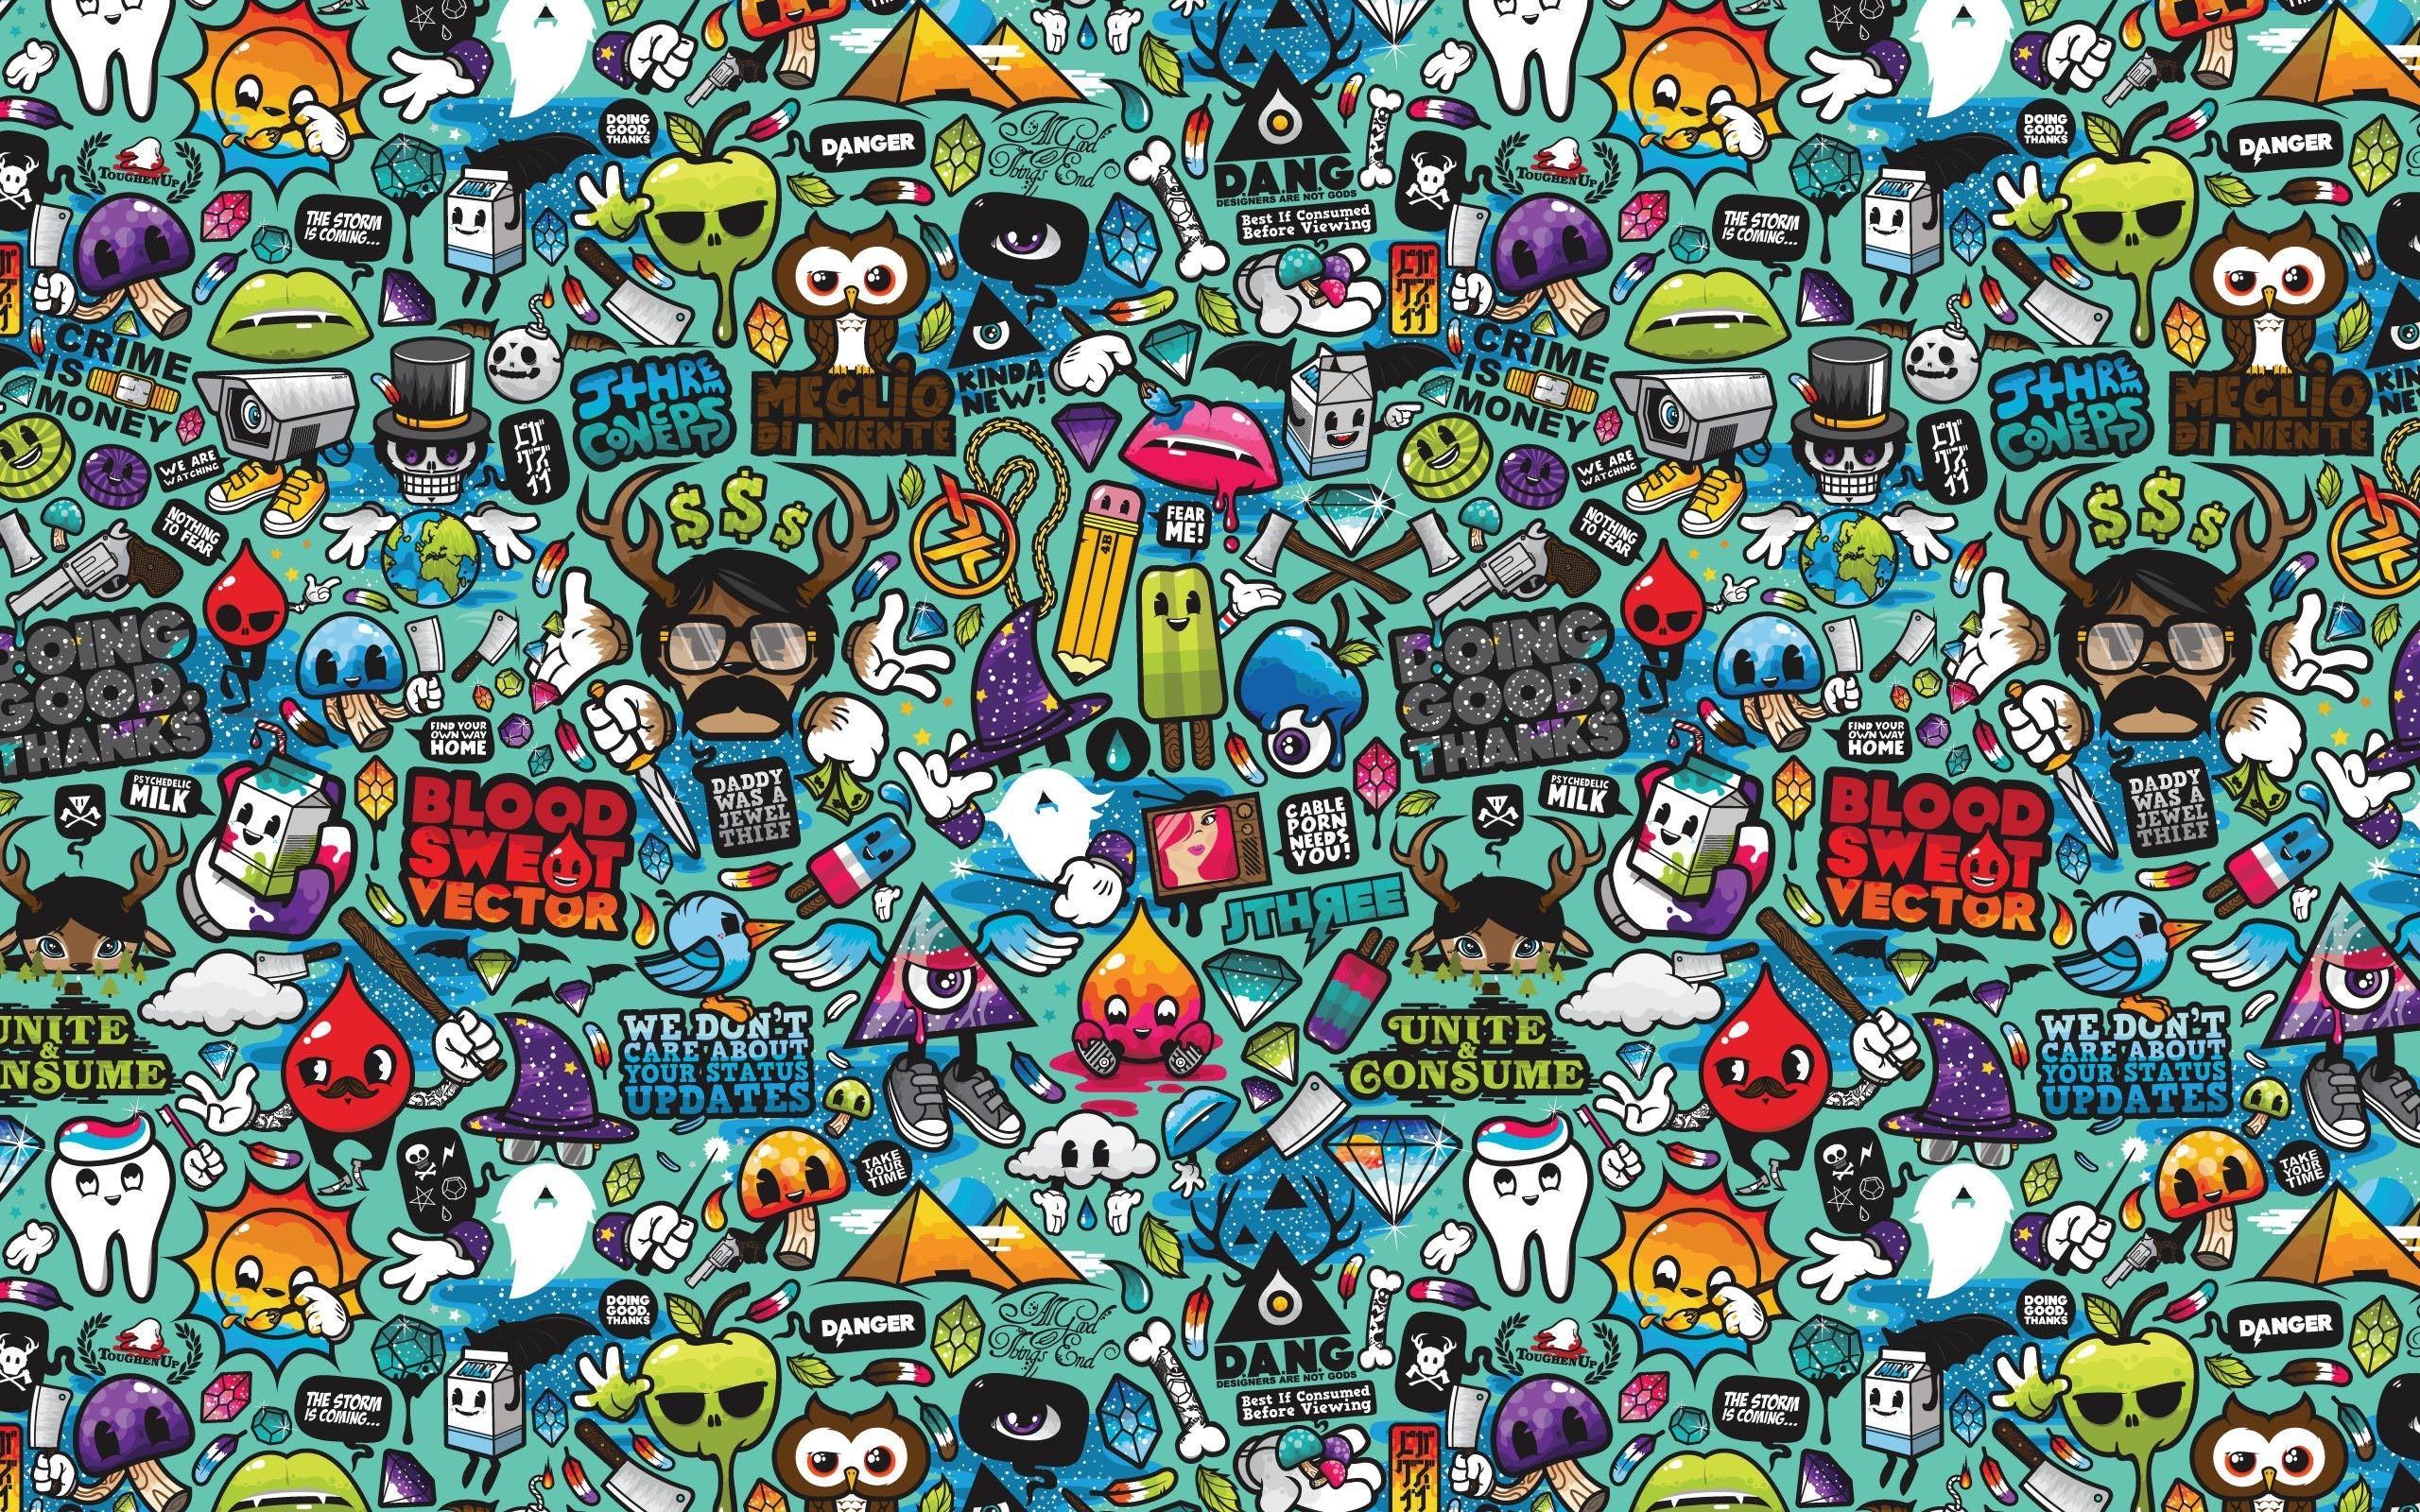 Sport Wallpaper Doodle: Doodle Art Wallpapers